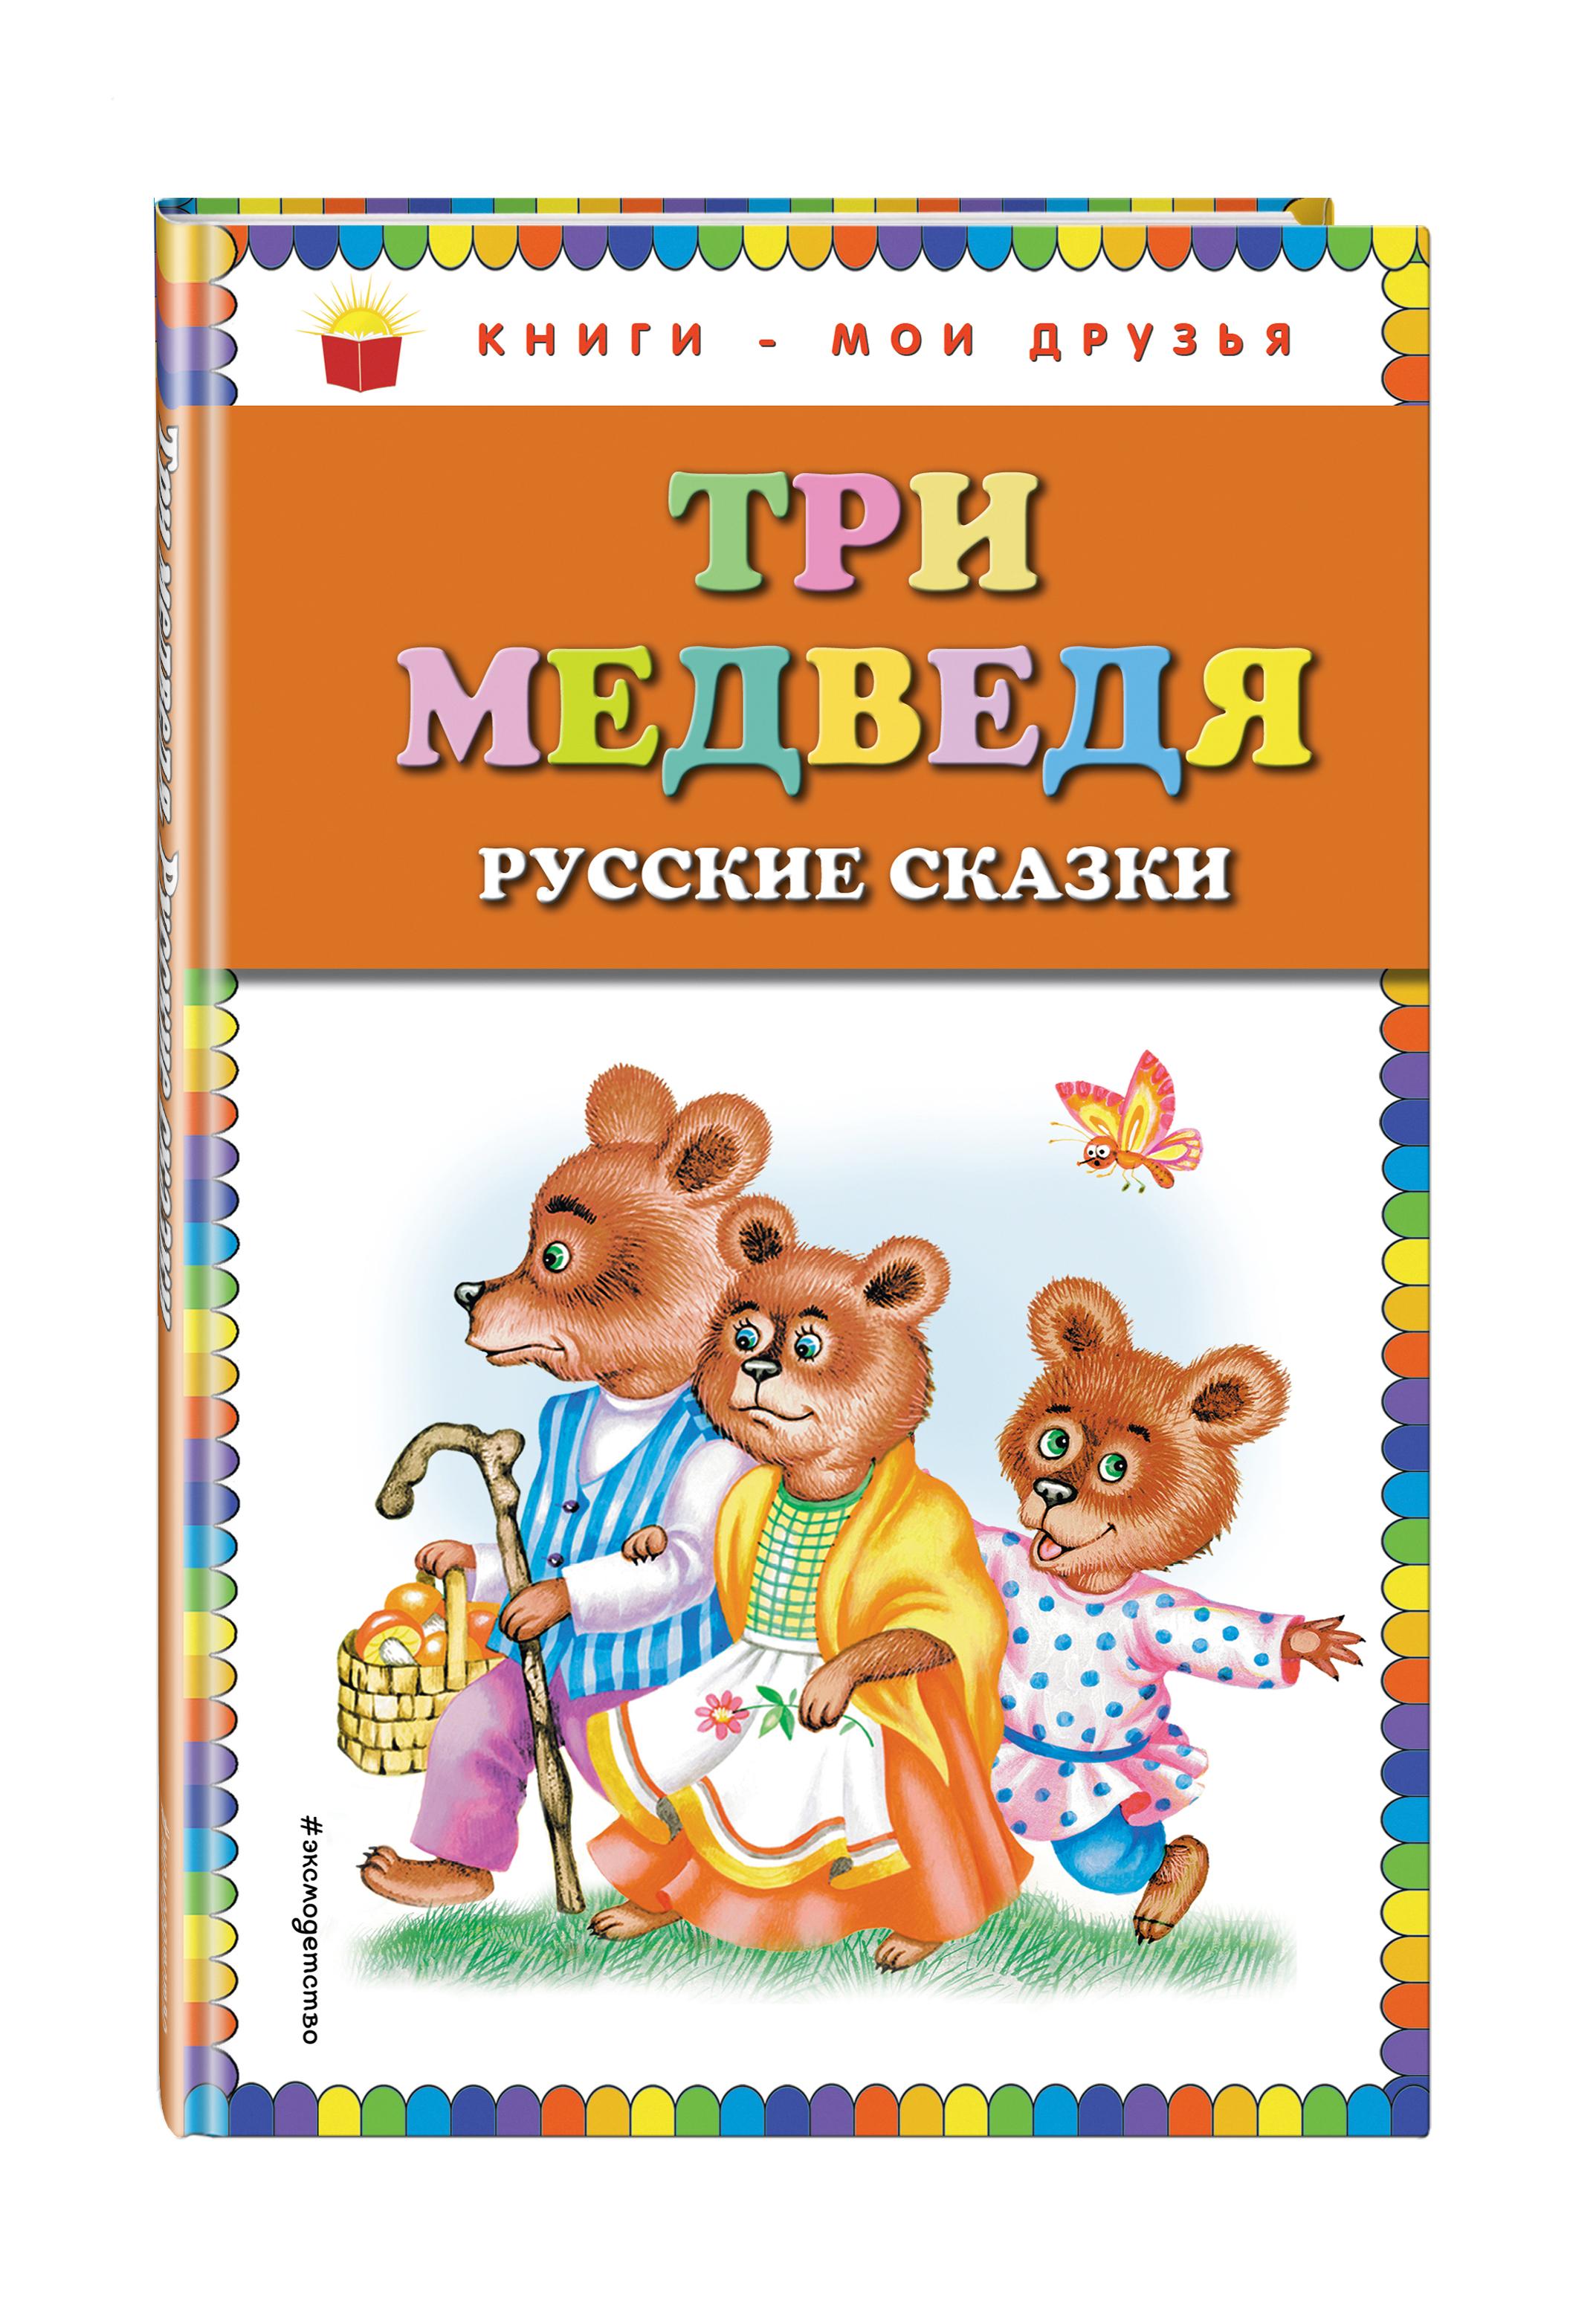 Три медведя. Русские сказки (ил. М. Литвиновой) пустышка силиконовая tommee tippee moda 6 18 мес с кошечкой розовая 43338855